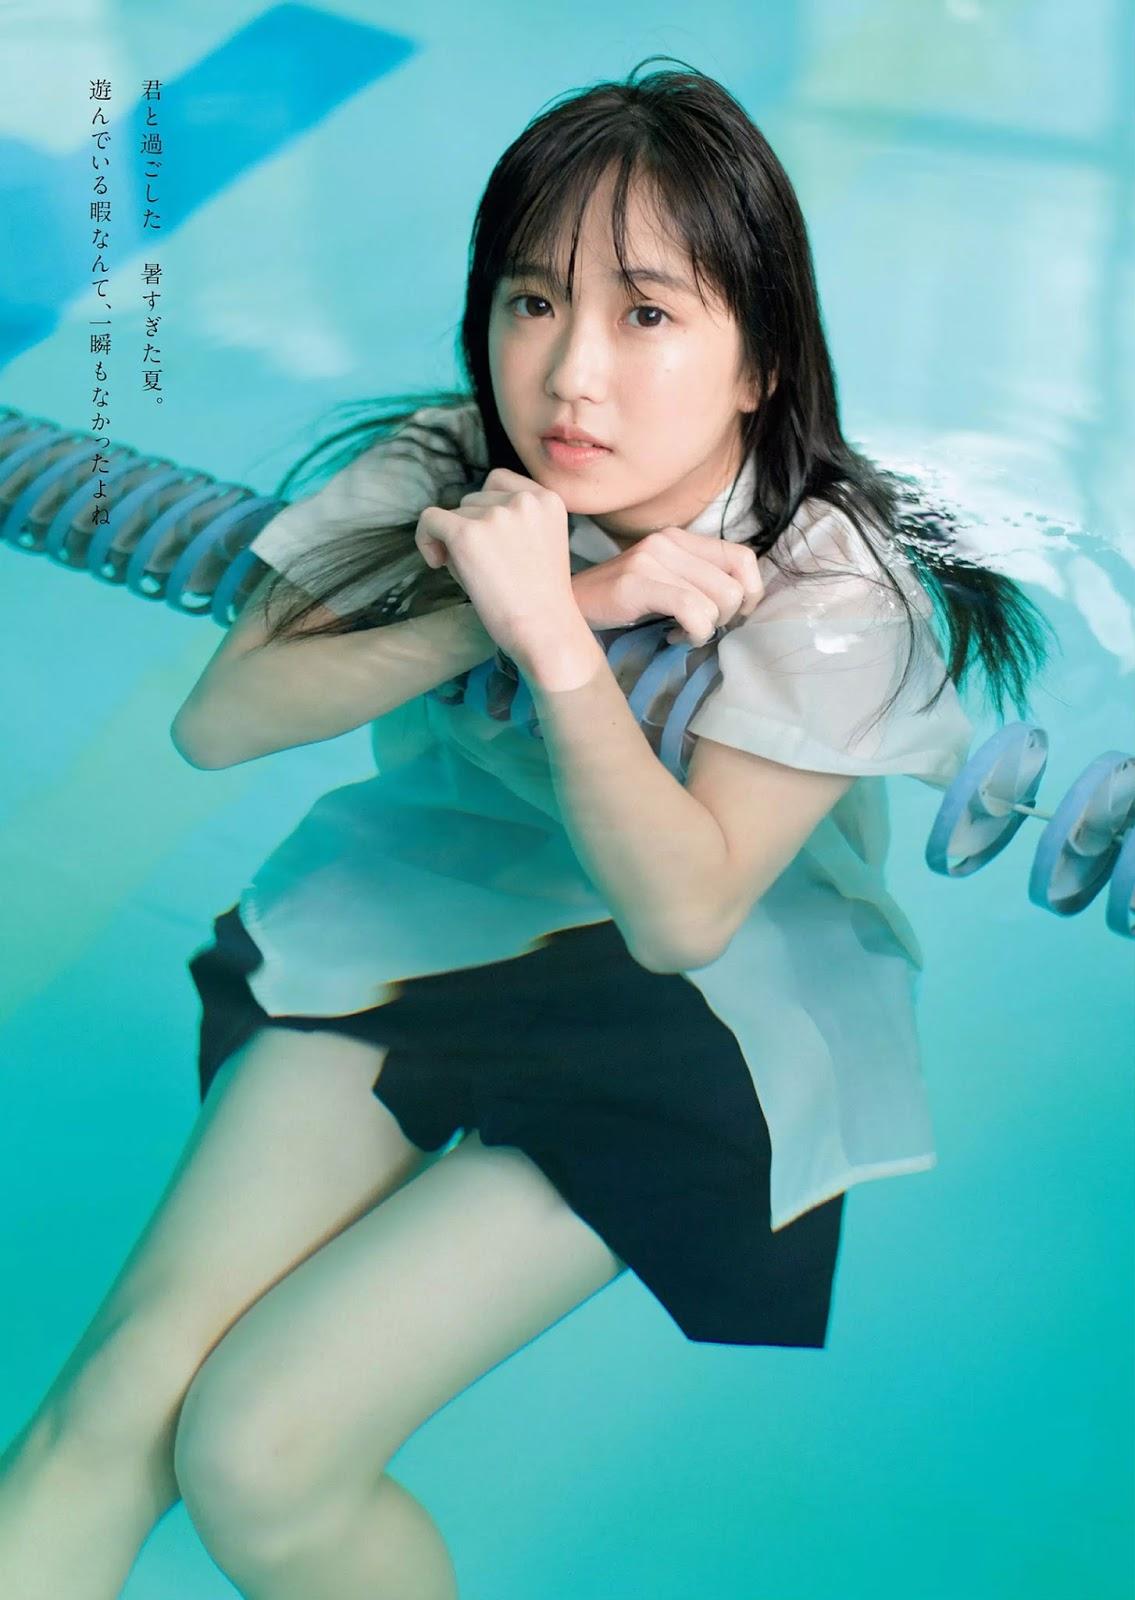 Fujino Shiho 藤野志穂, Weekly Playboy 2017 No.43 (週刊プレイボーイ 2017年43号) 2o Love to Sweet Bullet